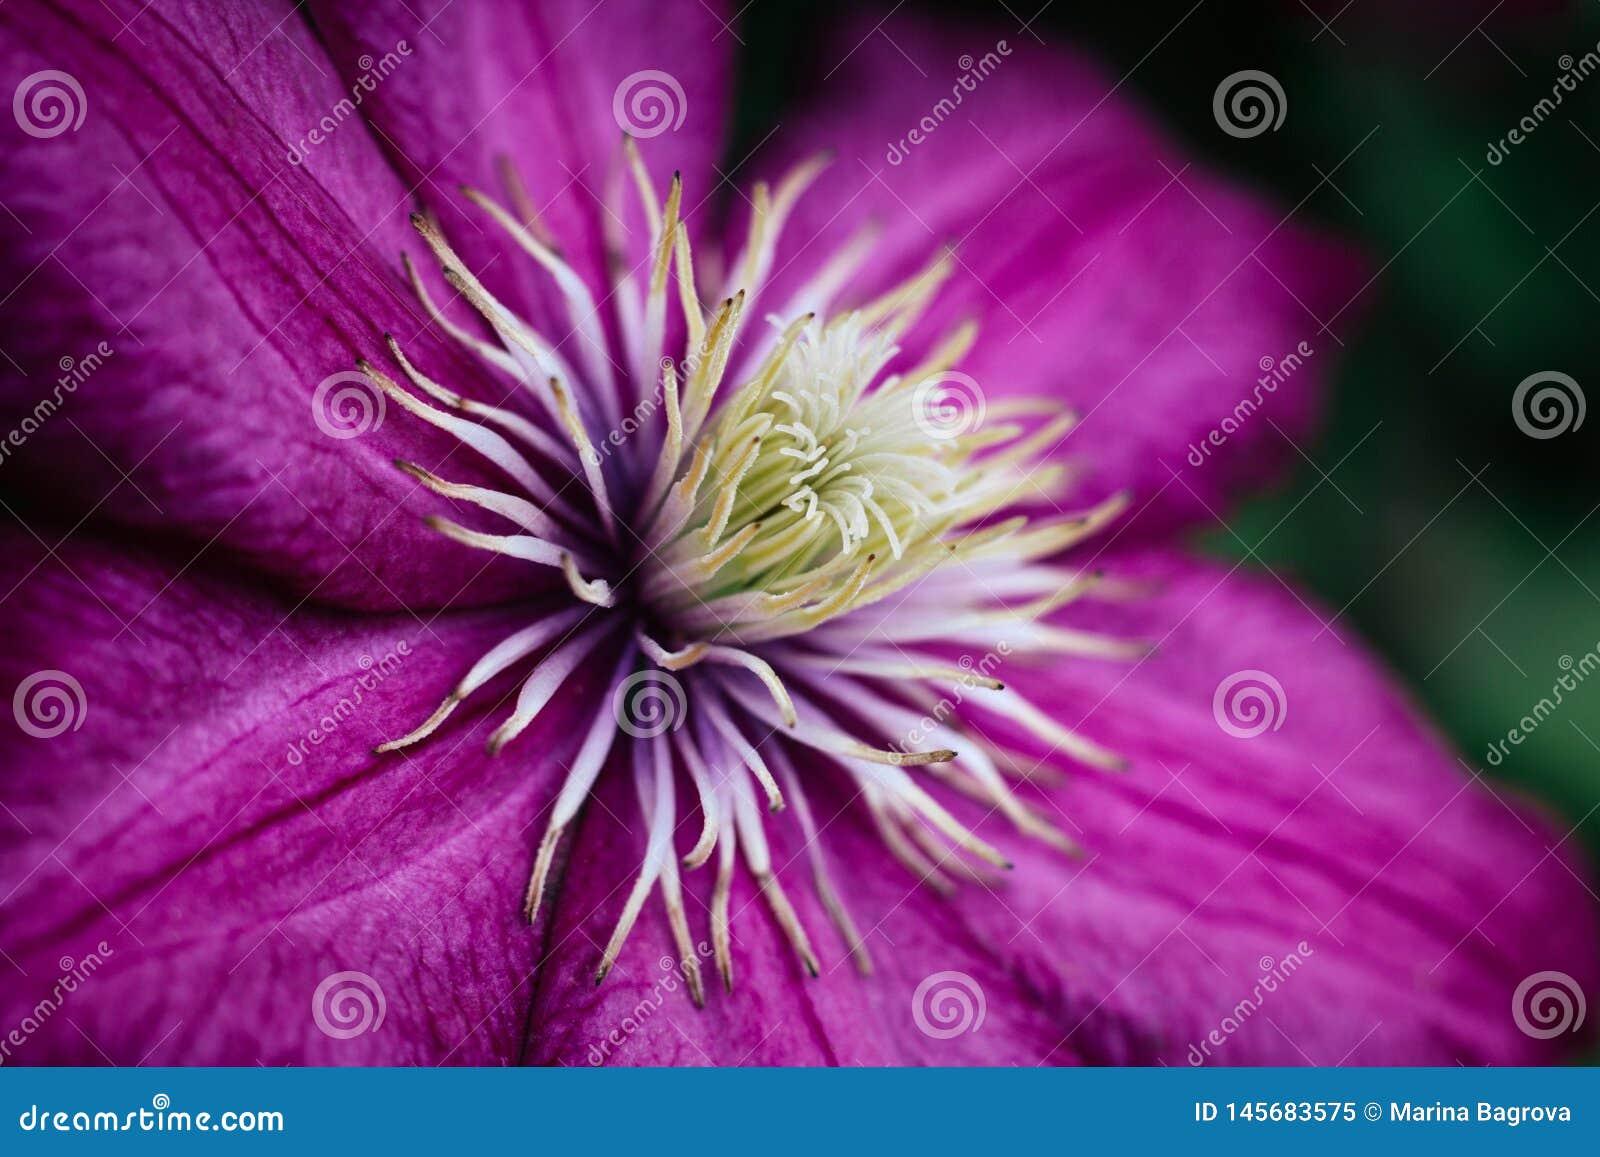 Τα φωτεινά ρόδινα clematis κλείνουν επάνω Κήπος που αναρριχείται στα λουλούδια με τα άσπρα stamens Μεγάλα κατασκευασμένα πέταλα Μ